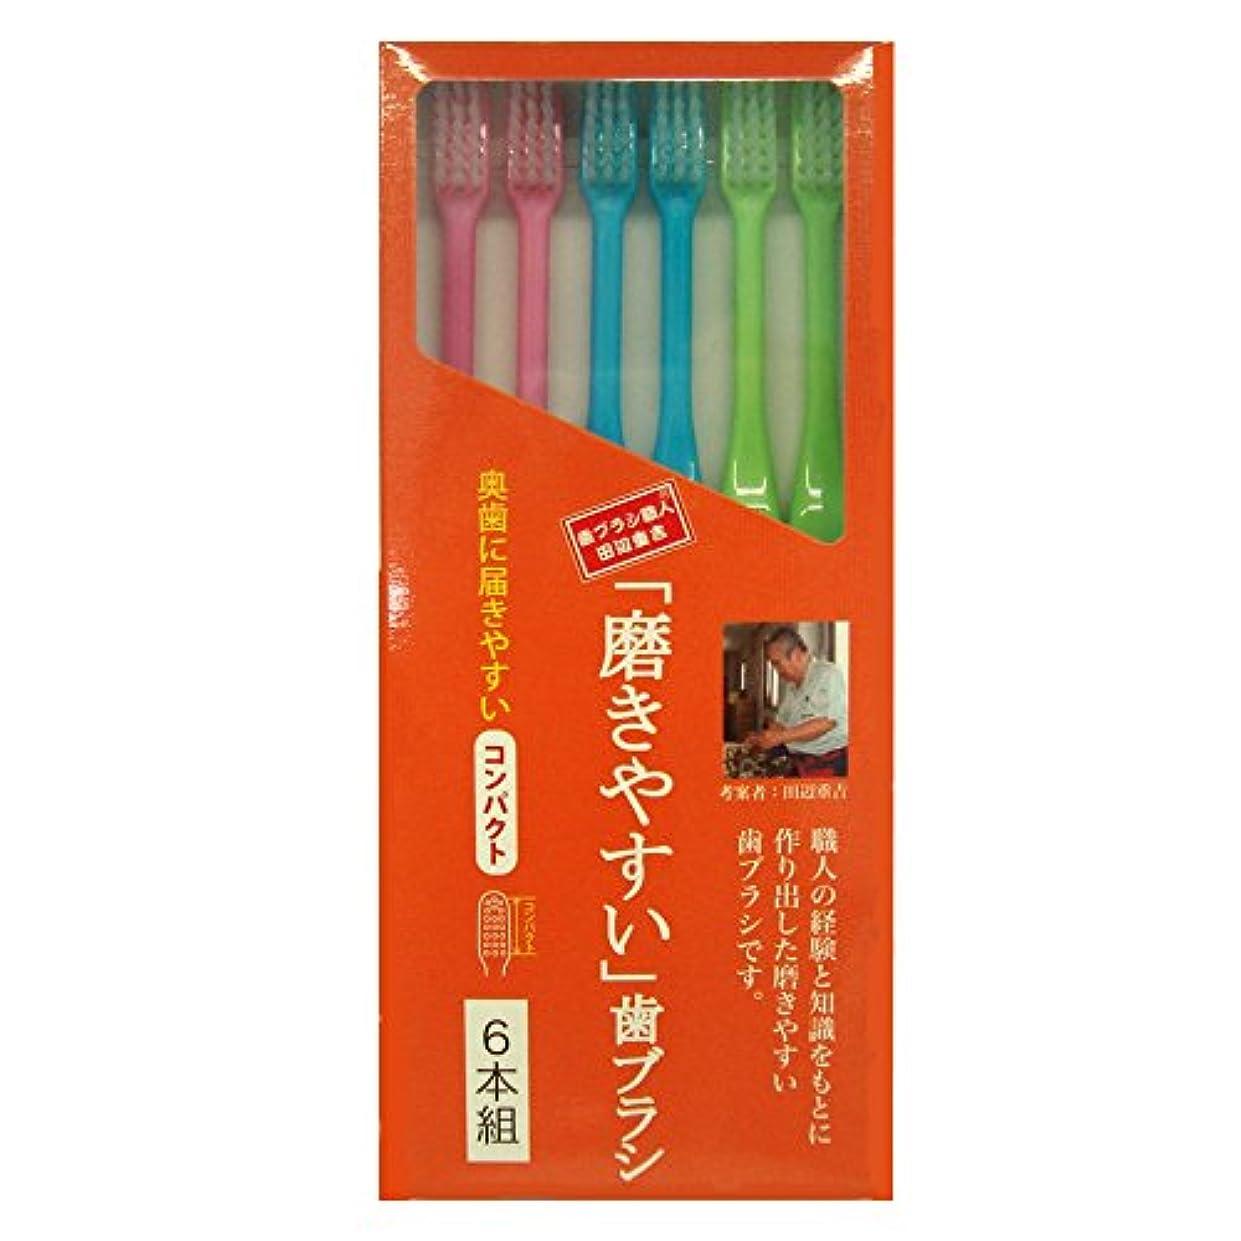 落胆する無能渇き磨きやすい歯ブラシ 6本組 コンパクトタイプ